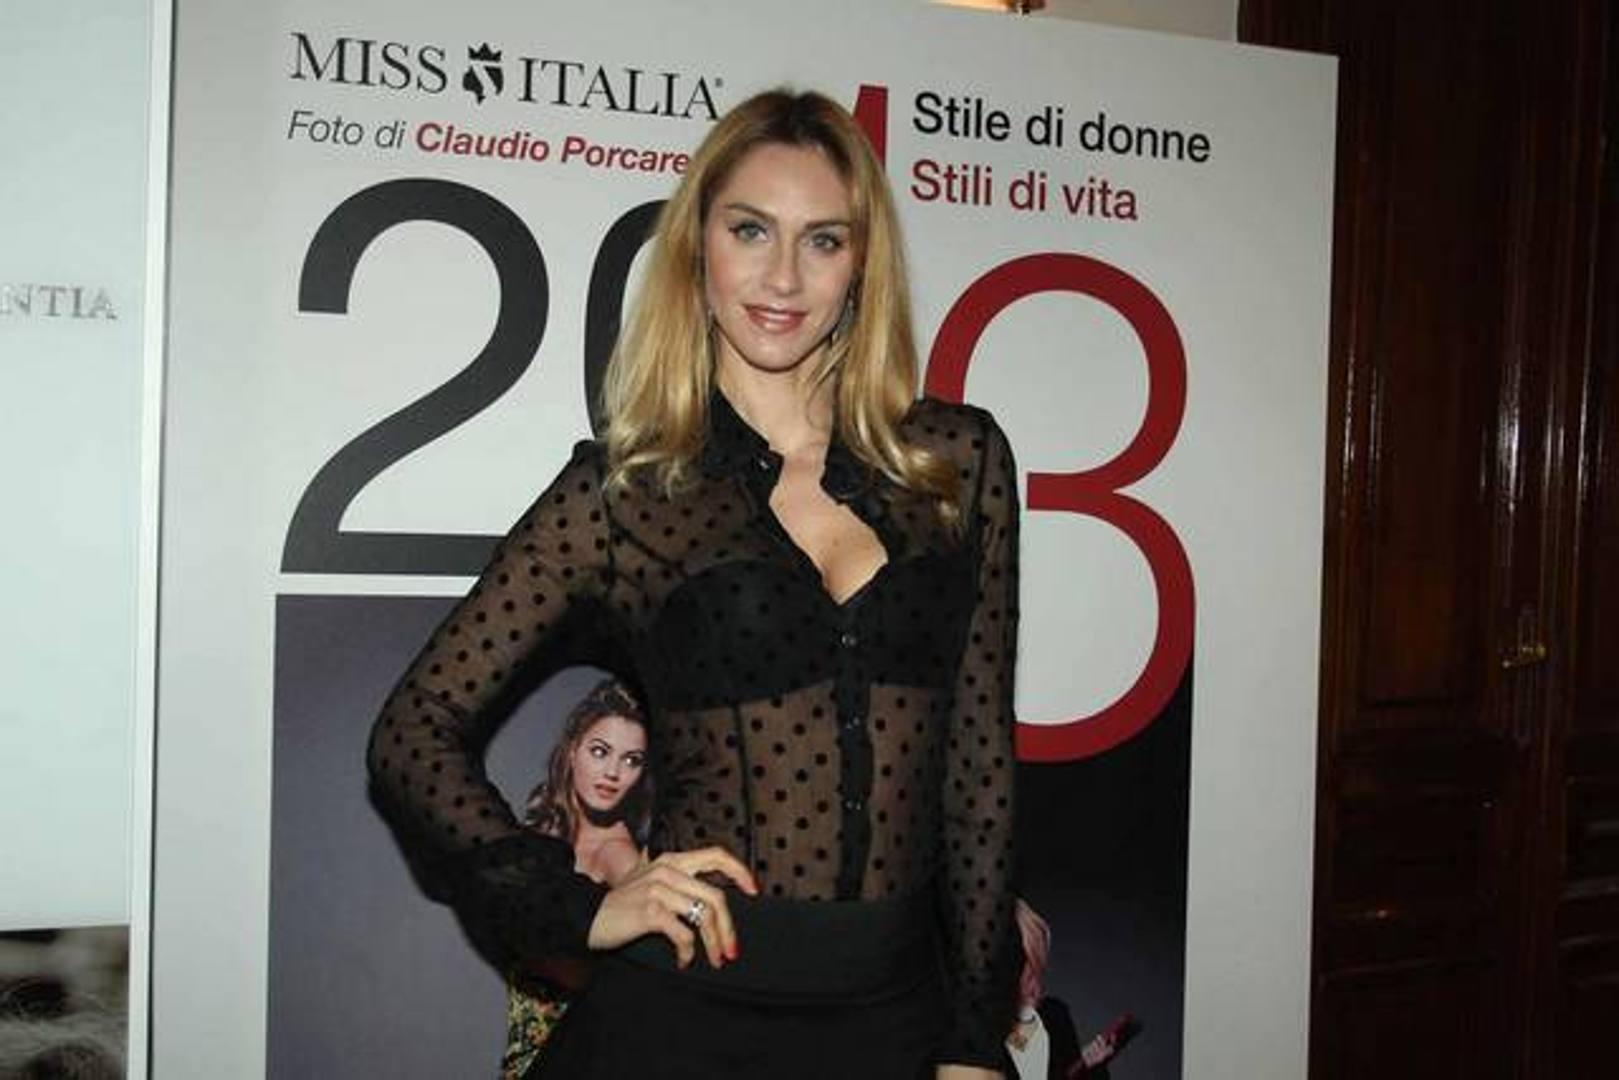 Elena Ossola Calendario.La Bionda Che Ha Stregato Candreva La Gazzetta Dello Sport